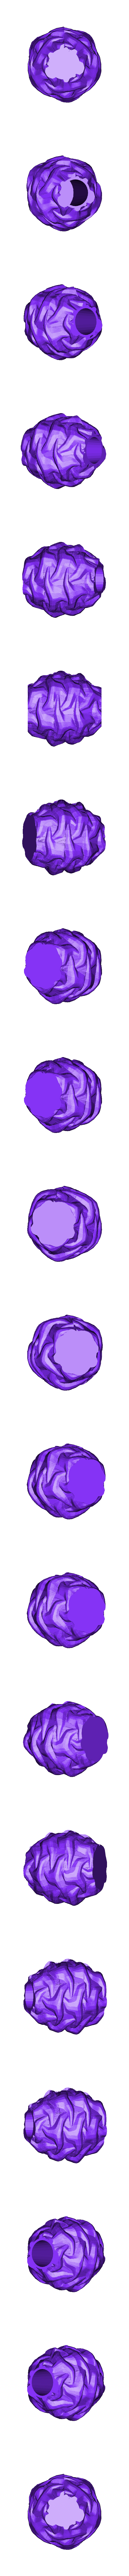 29.stl Télécharger fichier STL X86 Mini vase collection  • Objet imprimable en 3D, motek